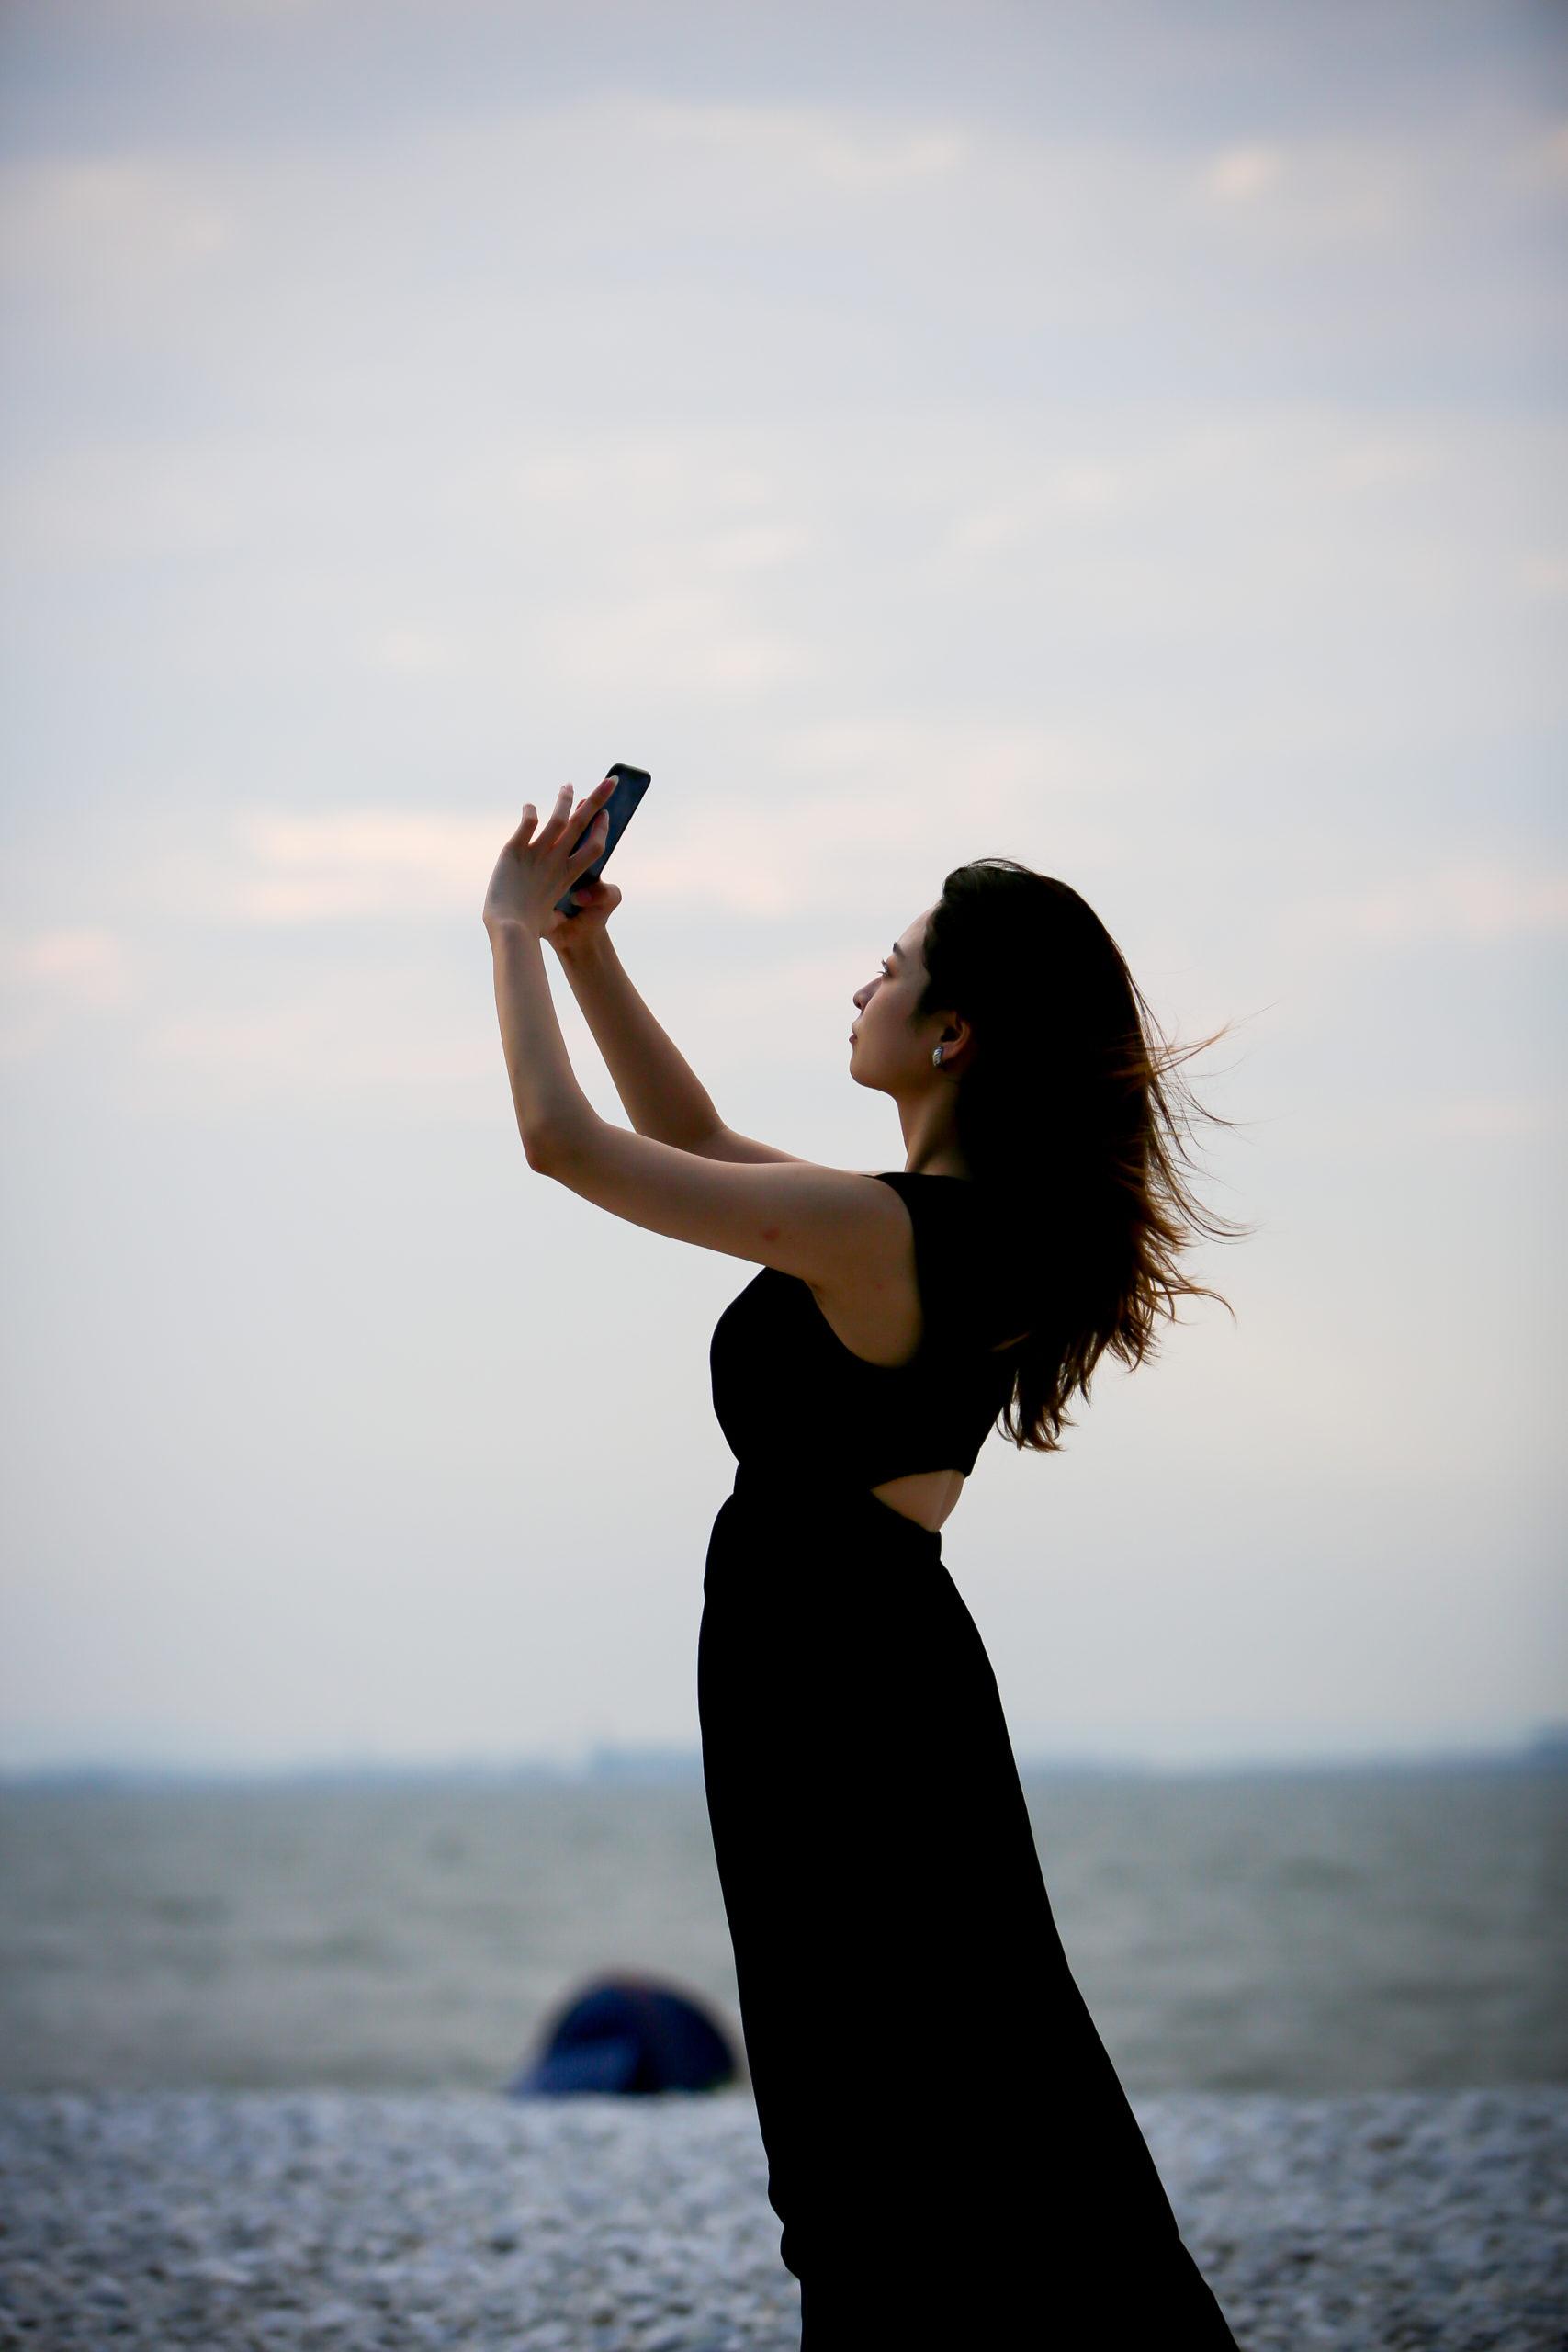 マーブルビーチでの風景写真